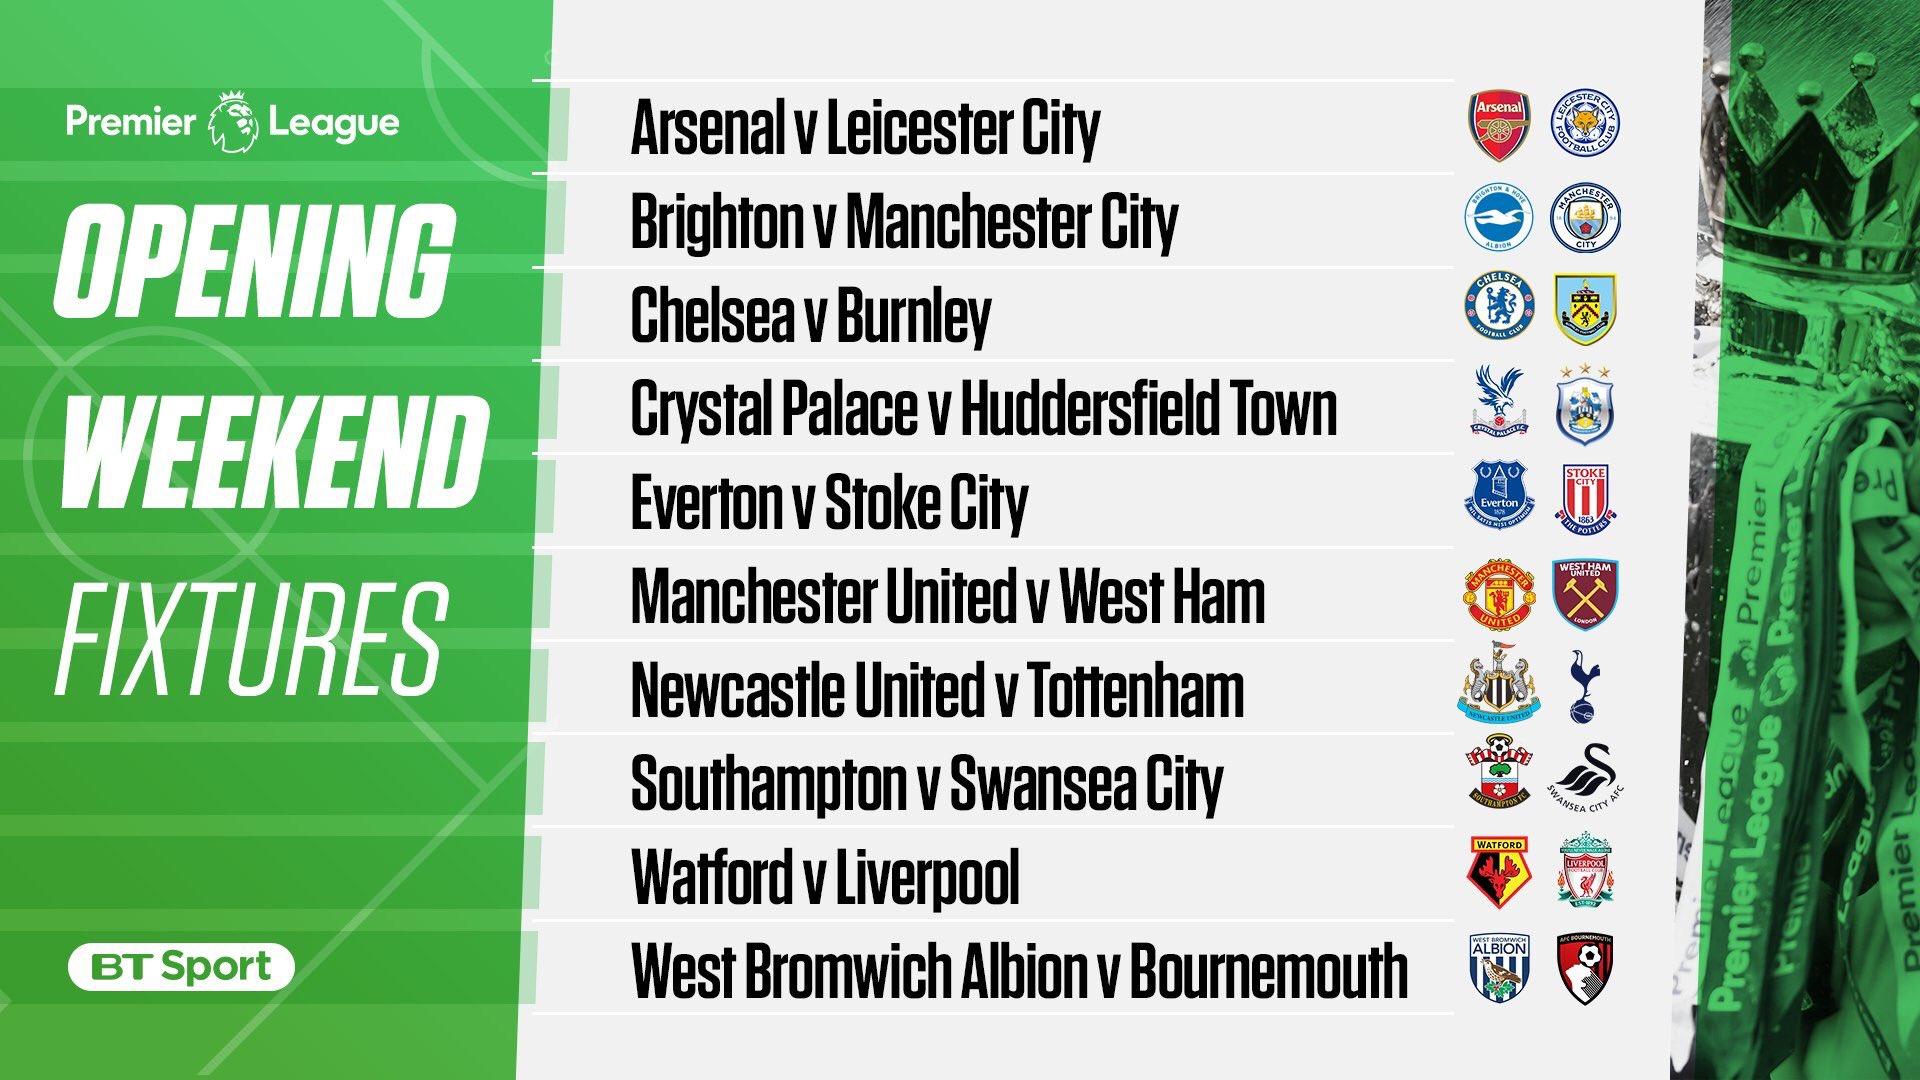 Opening weekends fixtures... https://t.co/3DcXDjyt6w